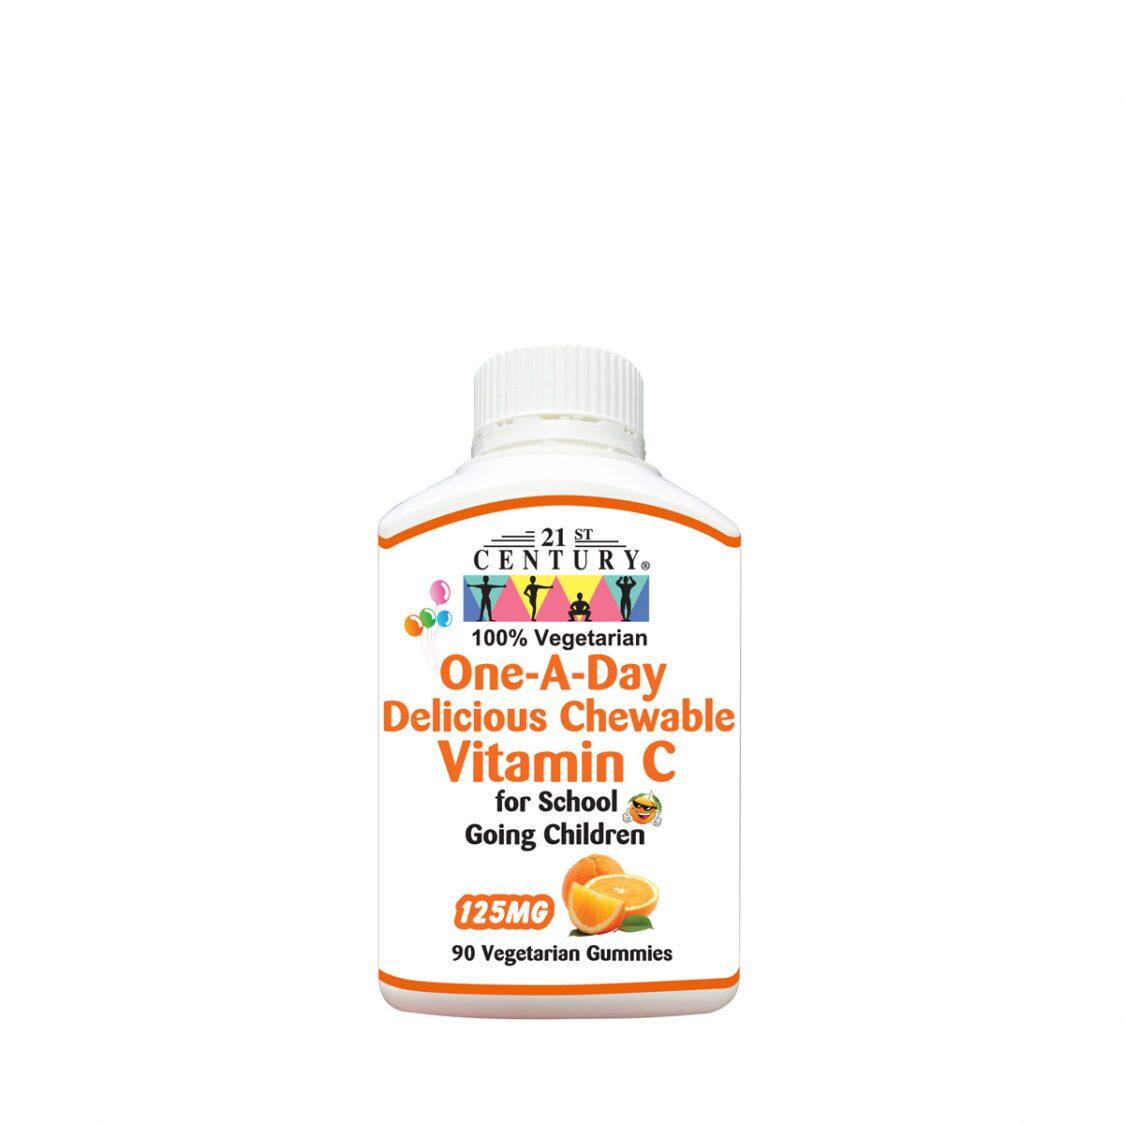 21st Century One-A-Day Children Vitamin C 125Mg 90 Gummies